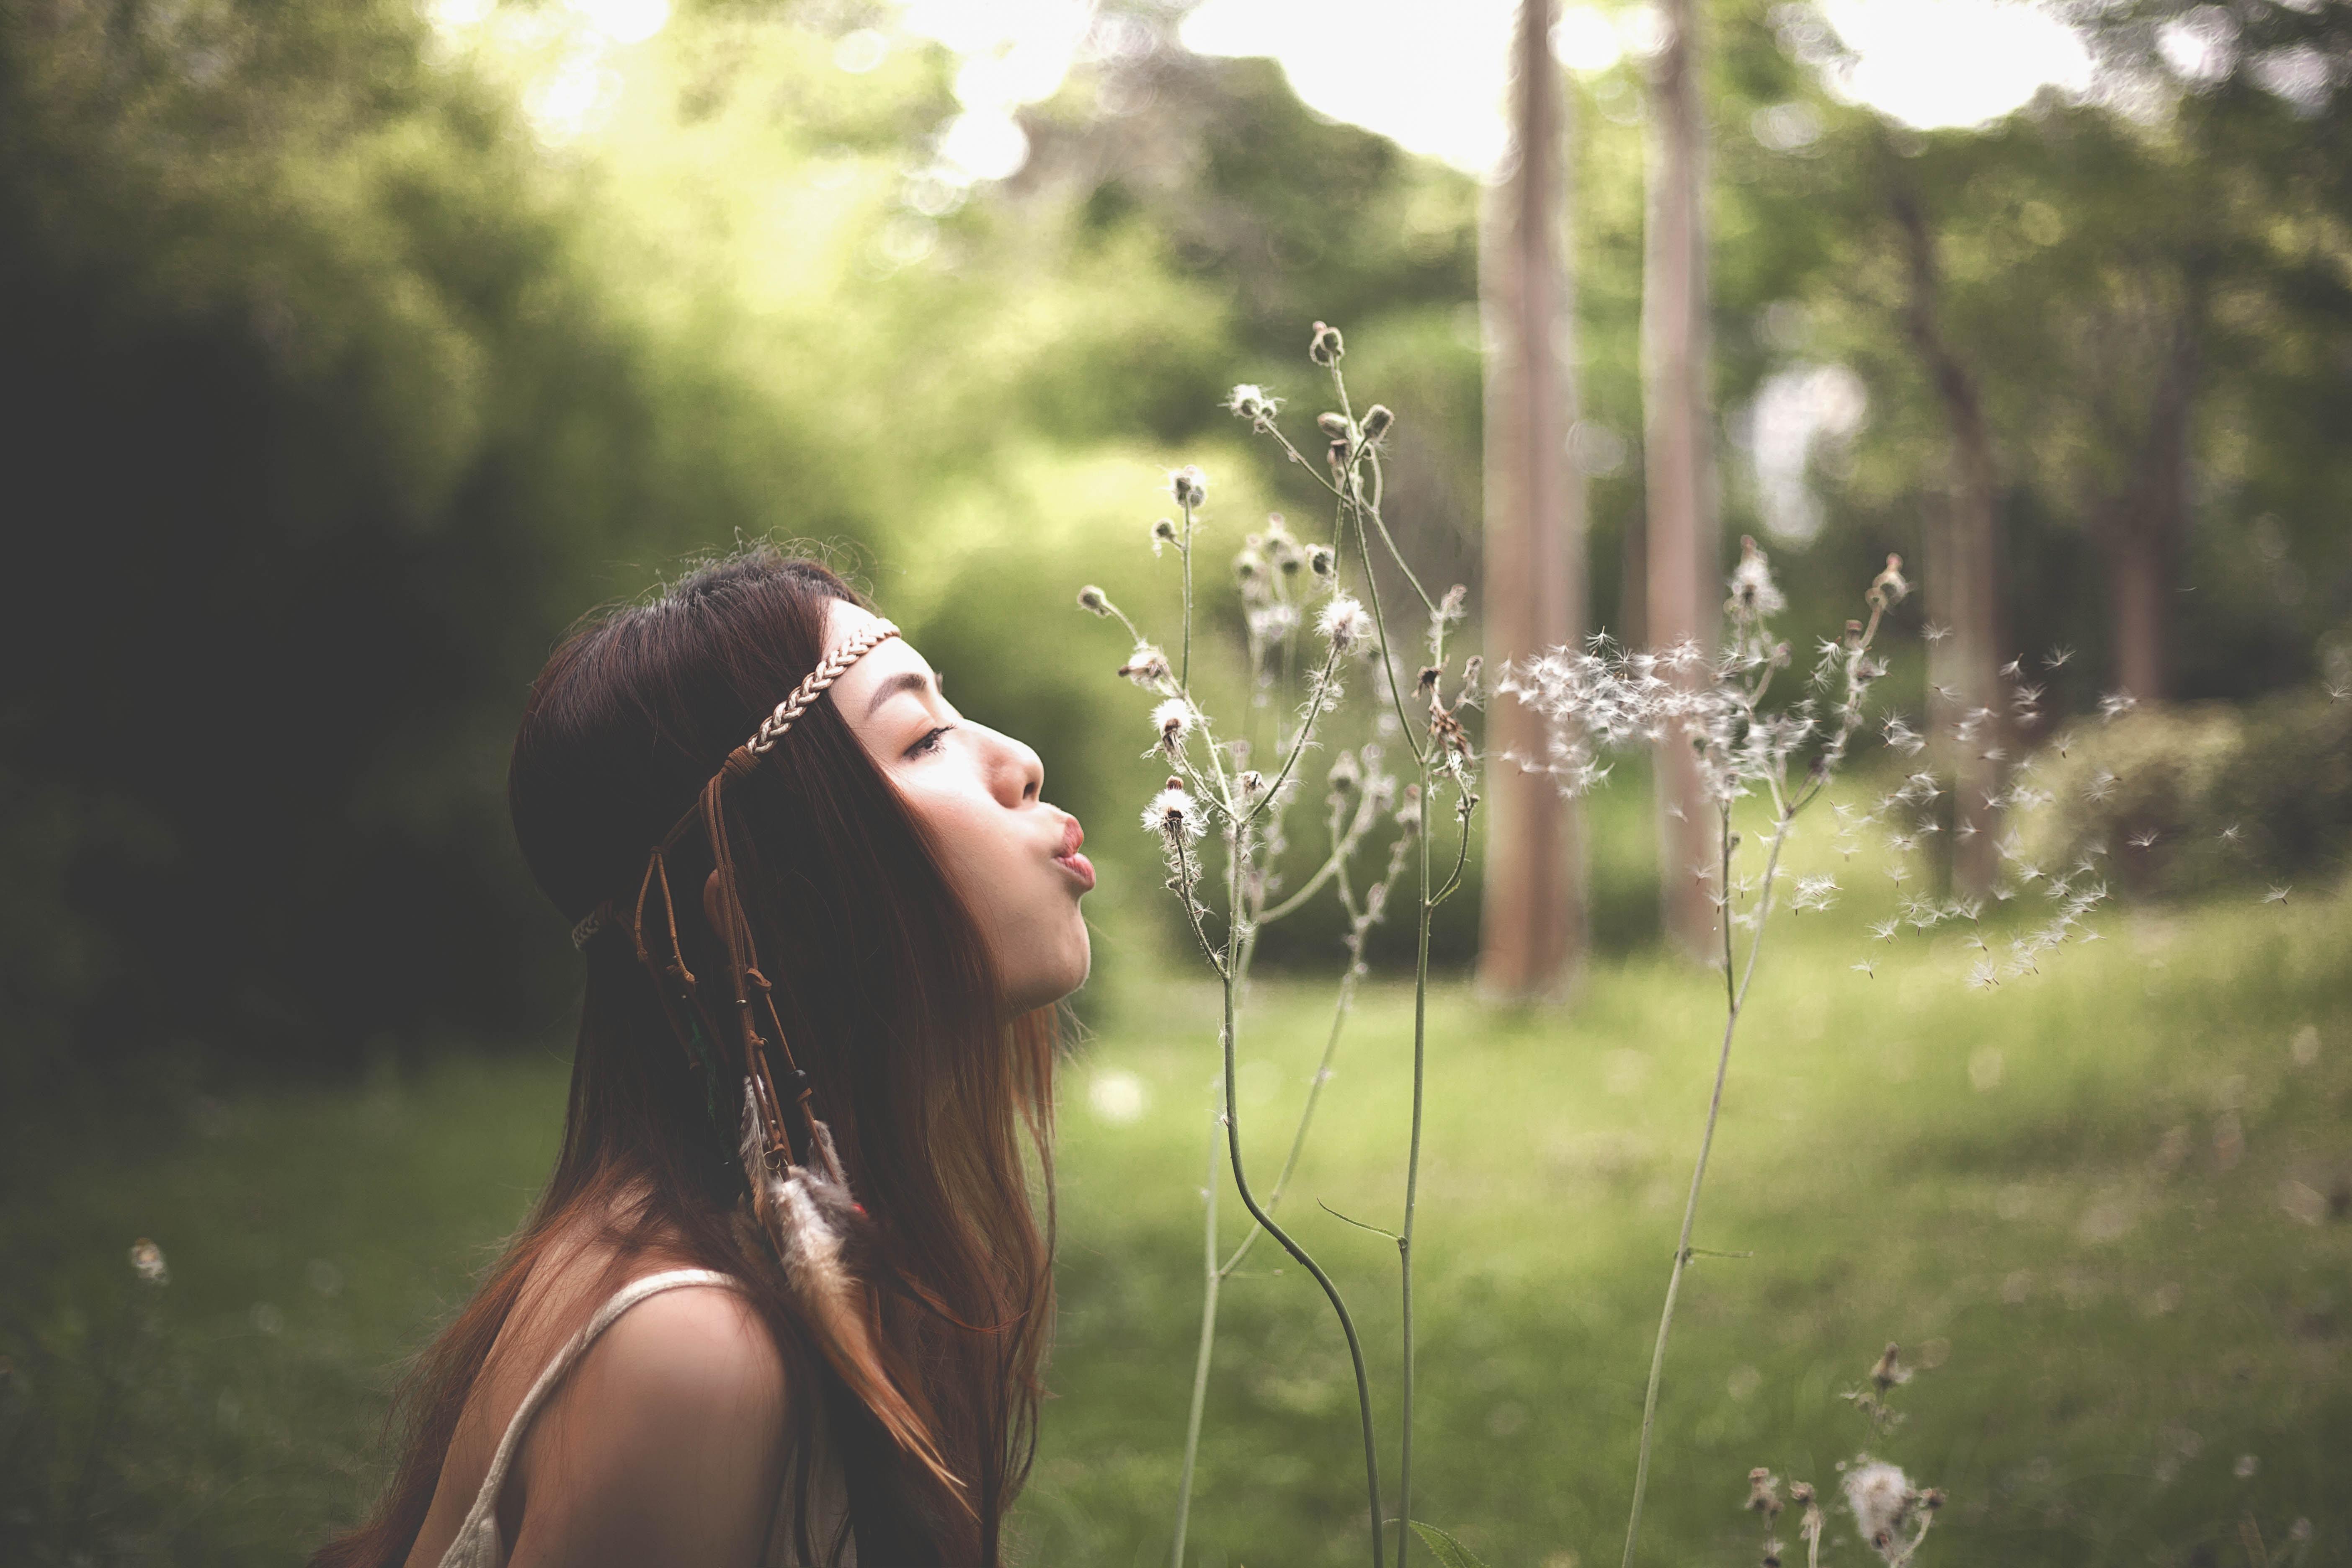 she has displelled all 4 allergy myths